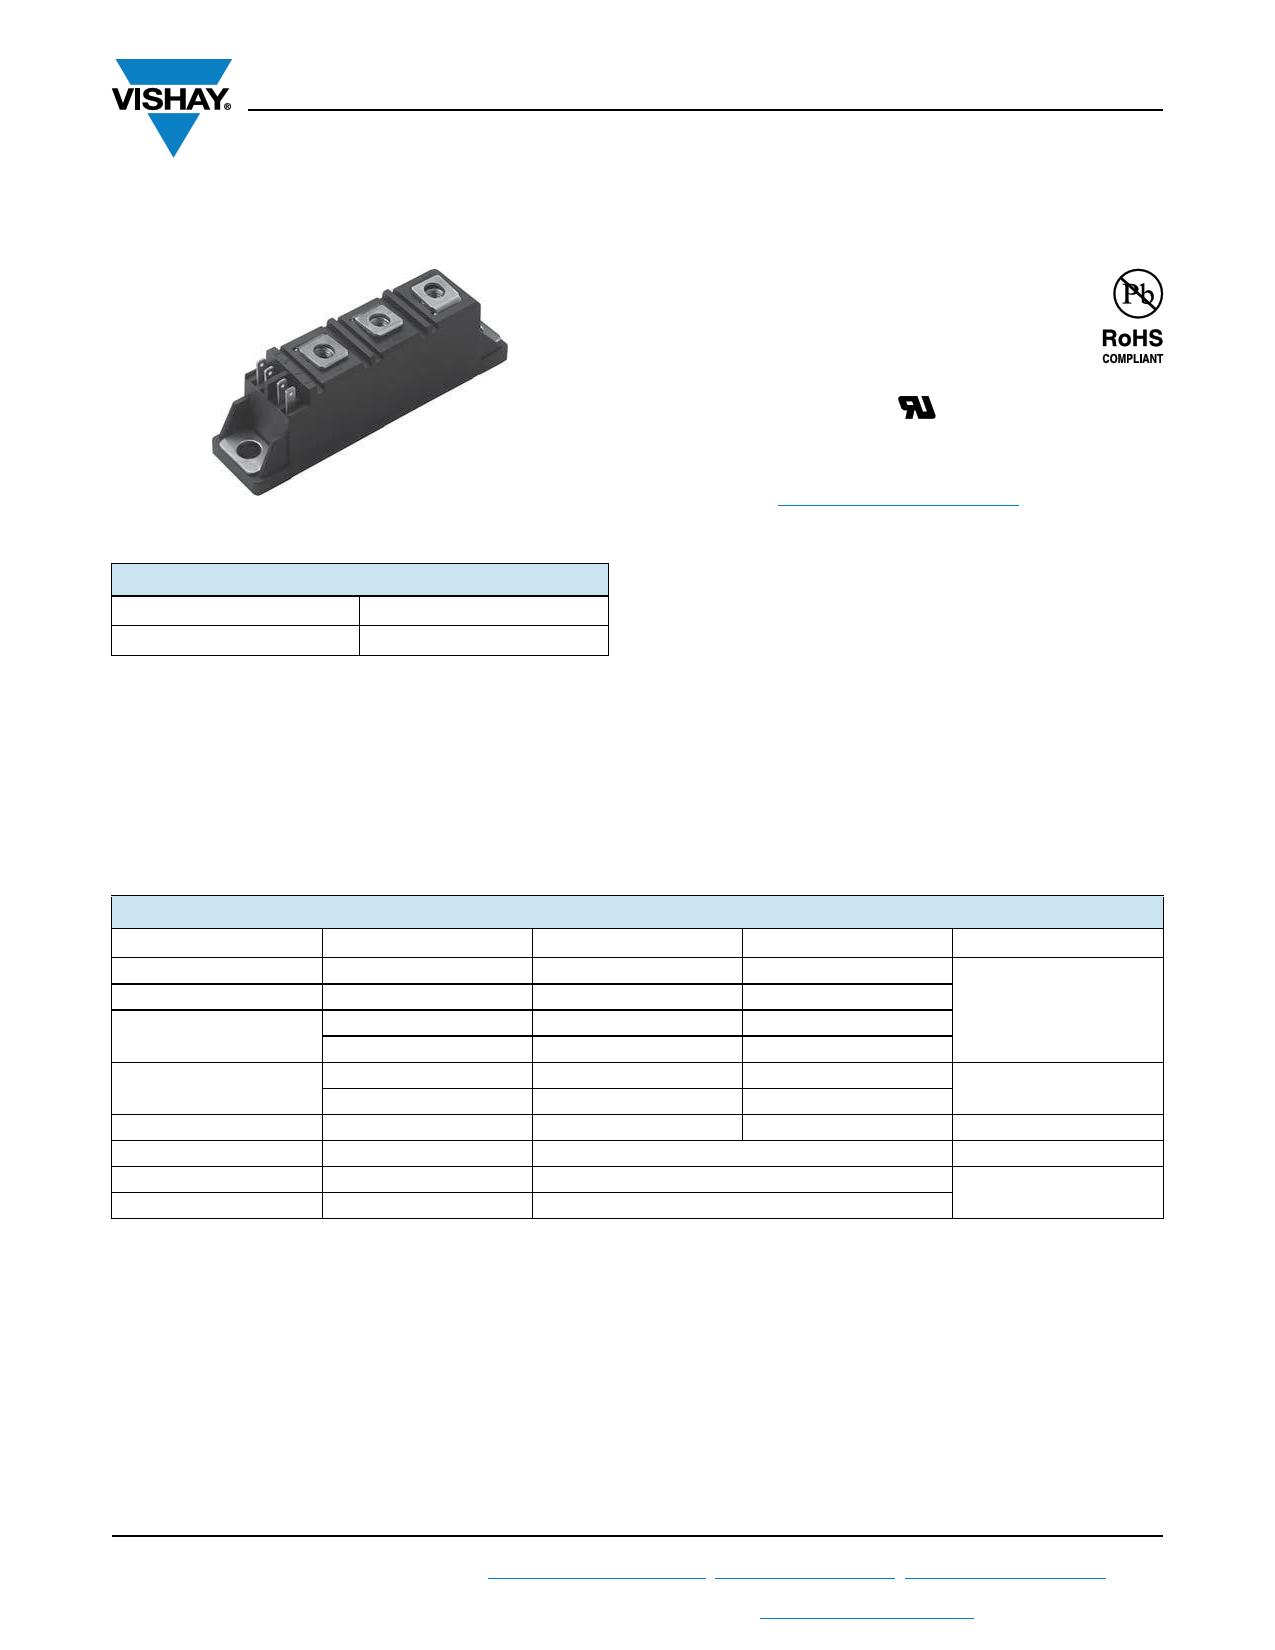 VSKT41-10S90P Datasheet, VSKT41-10S90P PDF,ピン配置, 機能